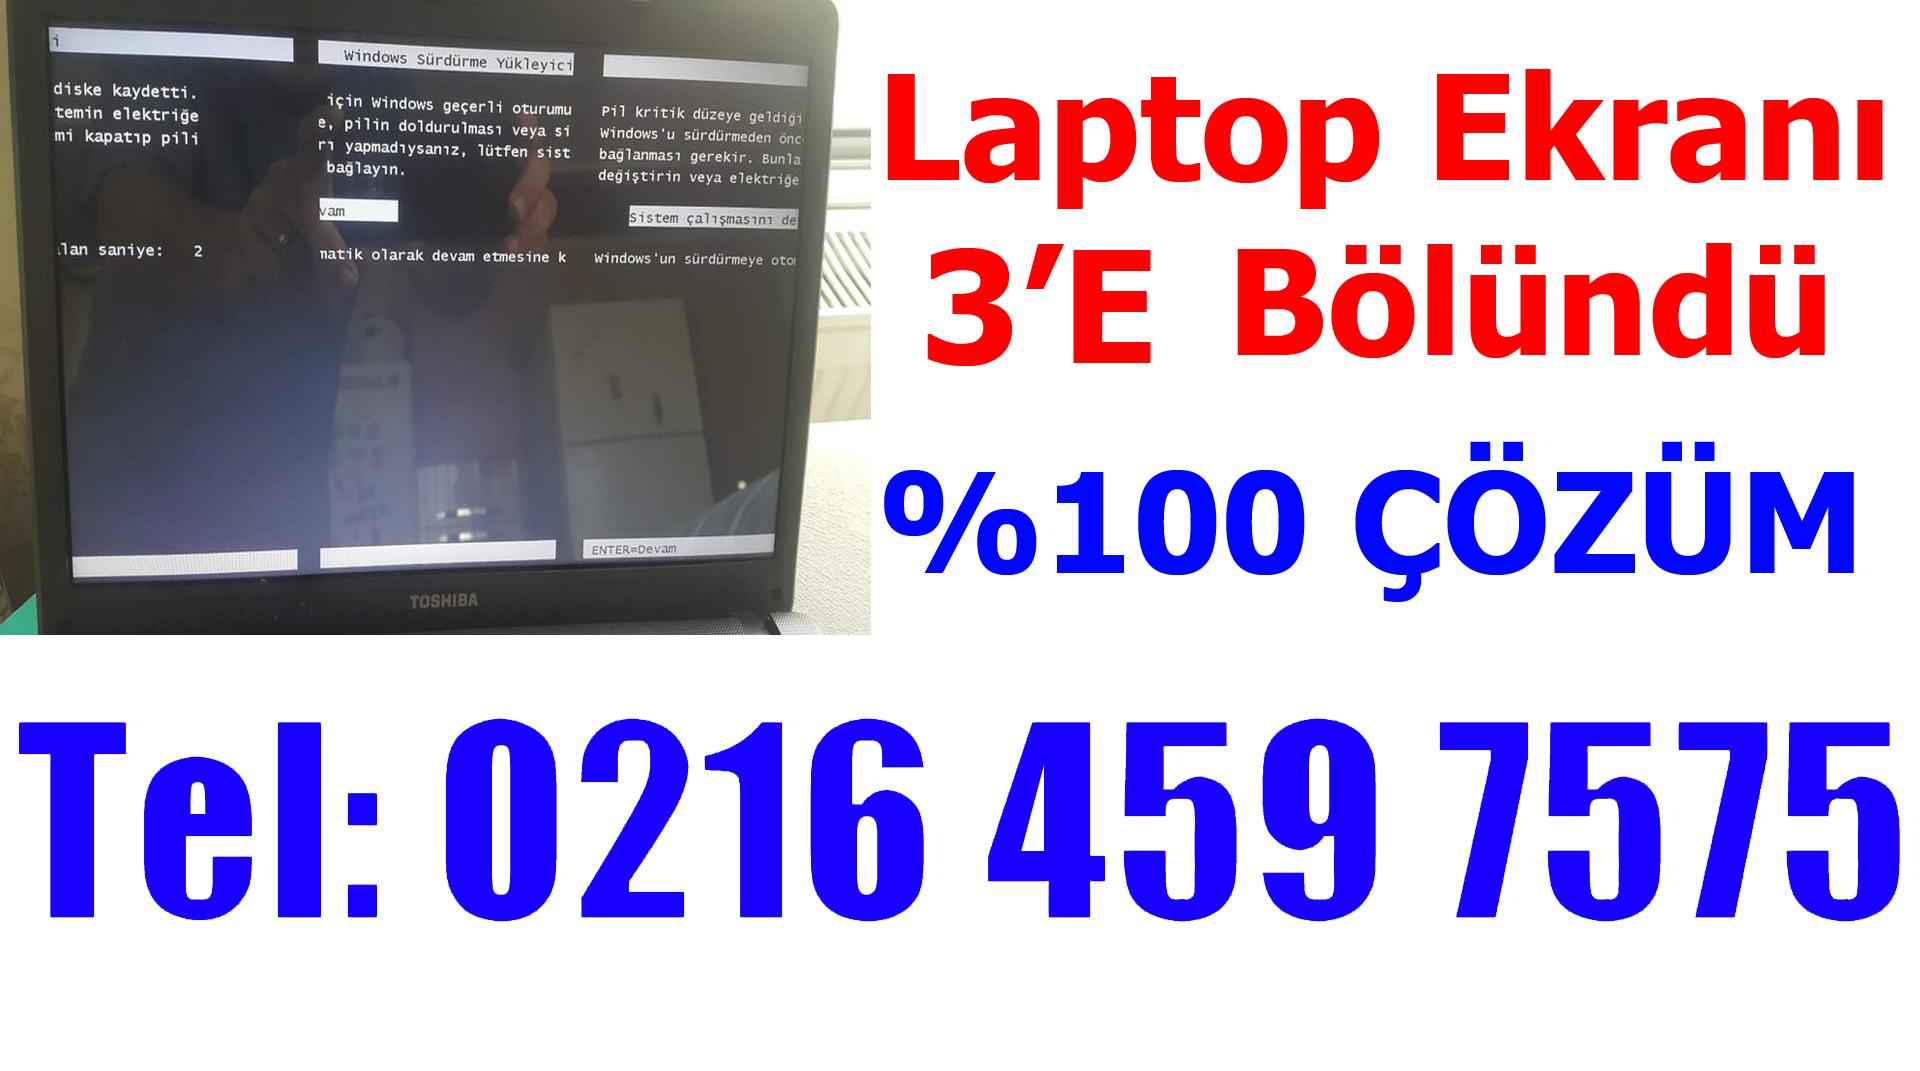 Laptop Ekranı 3 e Bölündü